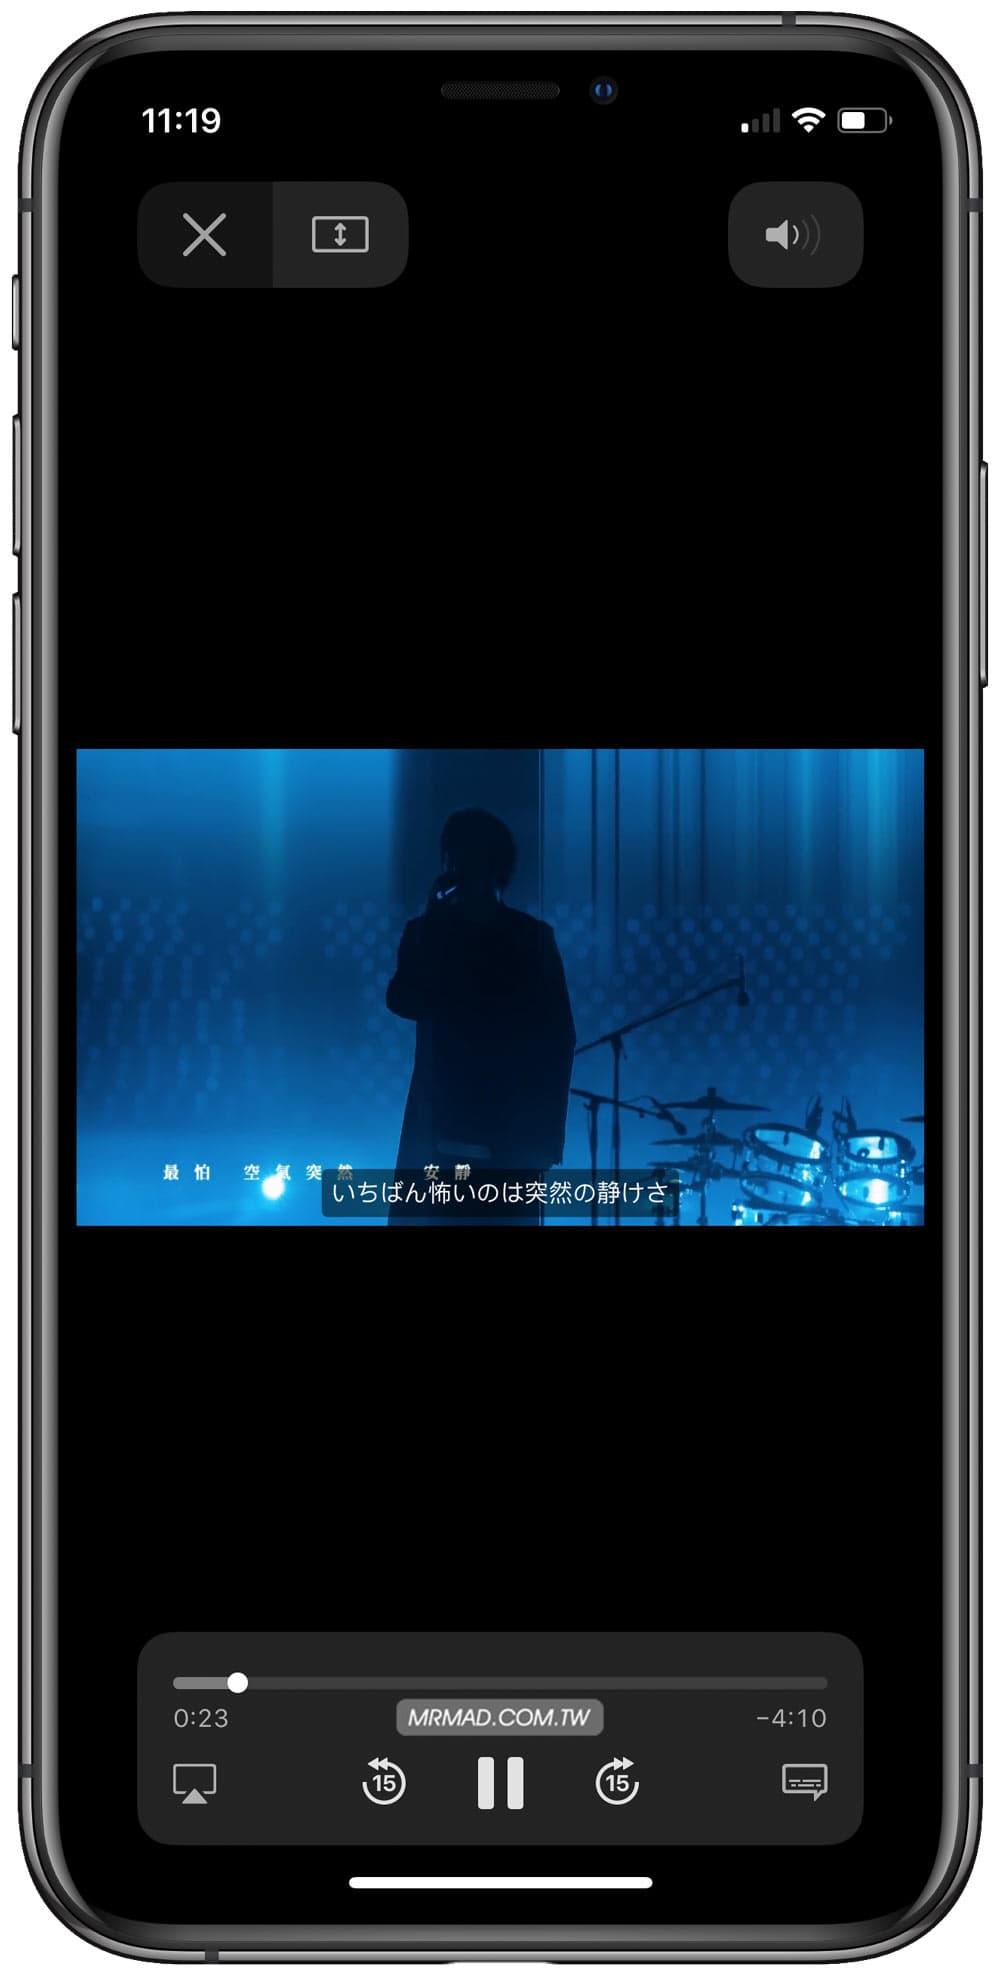 透過Safari瀏覽器實現YouTube背景播放技巧3